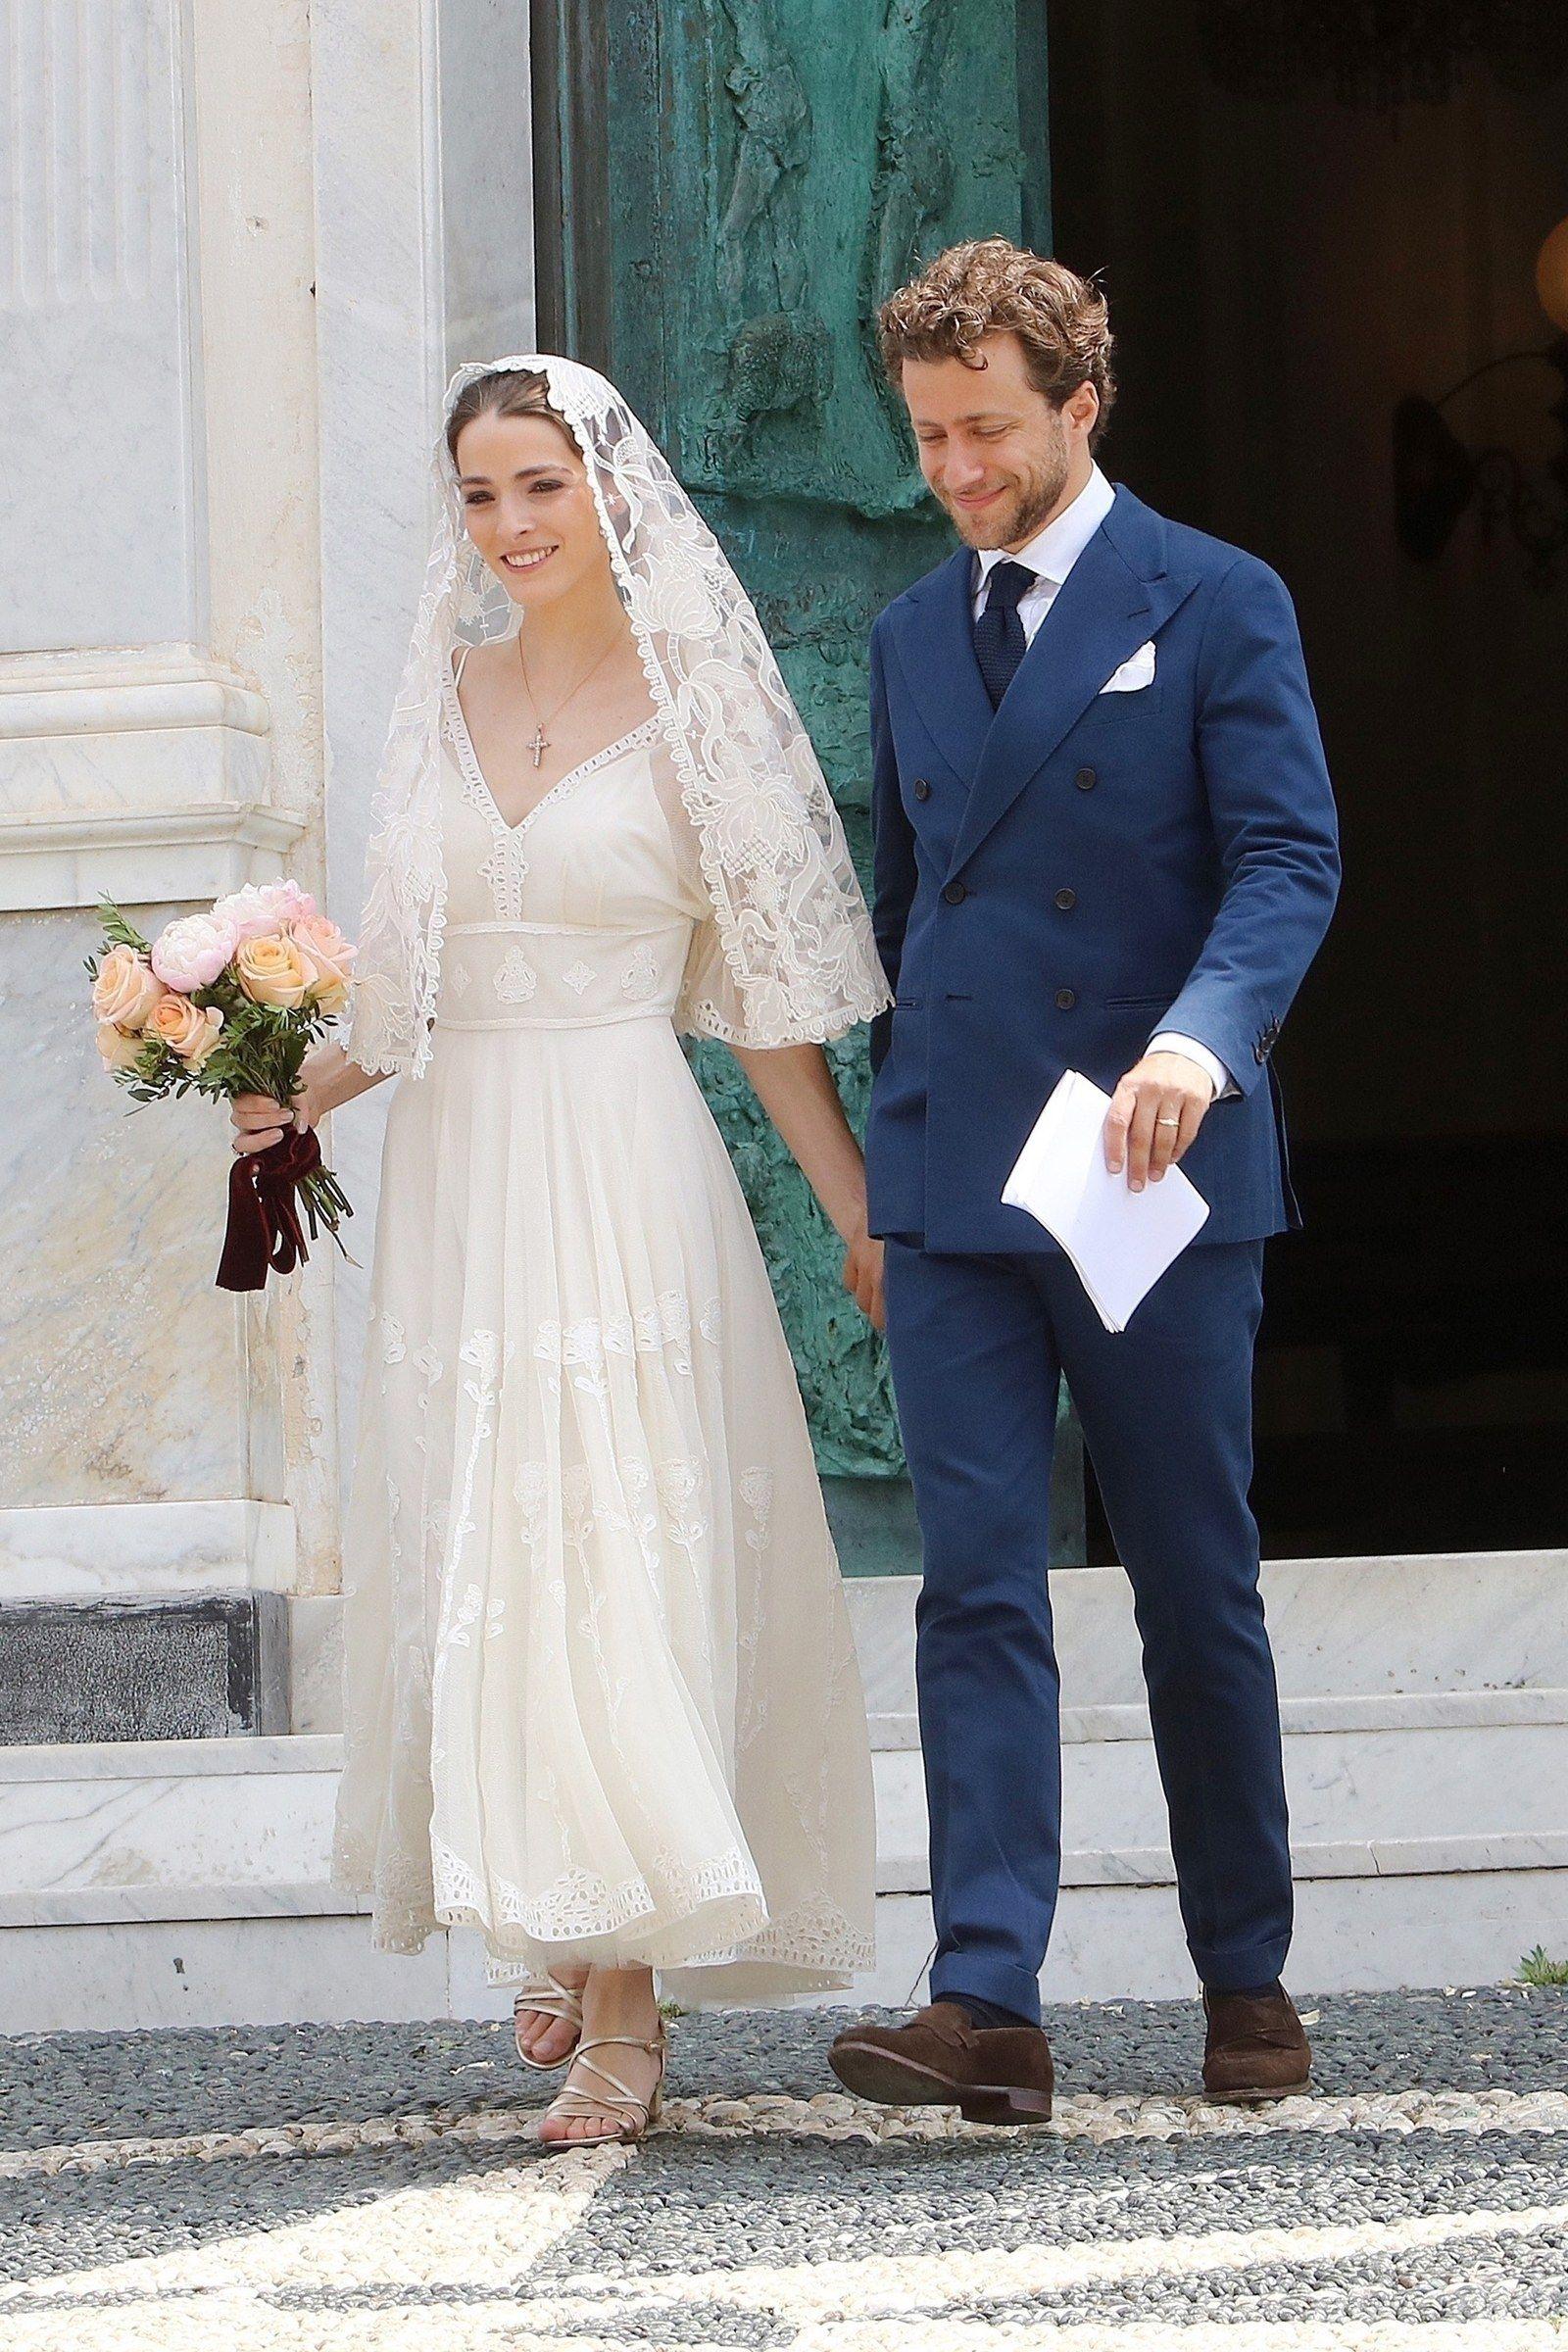 Anna Wintours Tochter Heiratet Zum Zweiten Mal Dieses Kleid Trug Bee Shaffer Bei Der Zeremonie Italienische Hochzeitskleider Zweite Hochzeitskleider Hochzeitsfeier Ideen